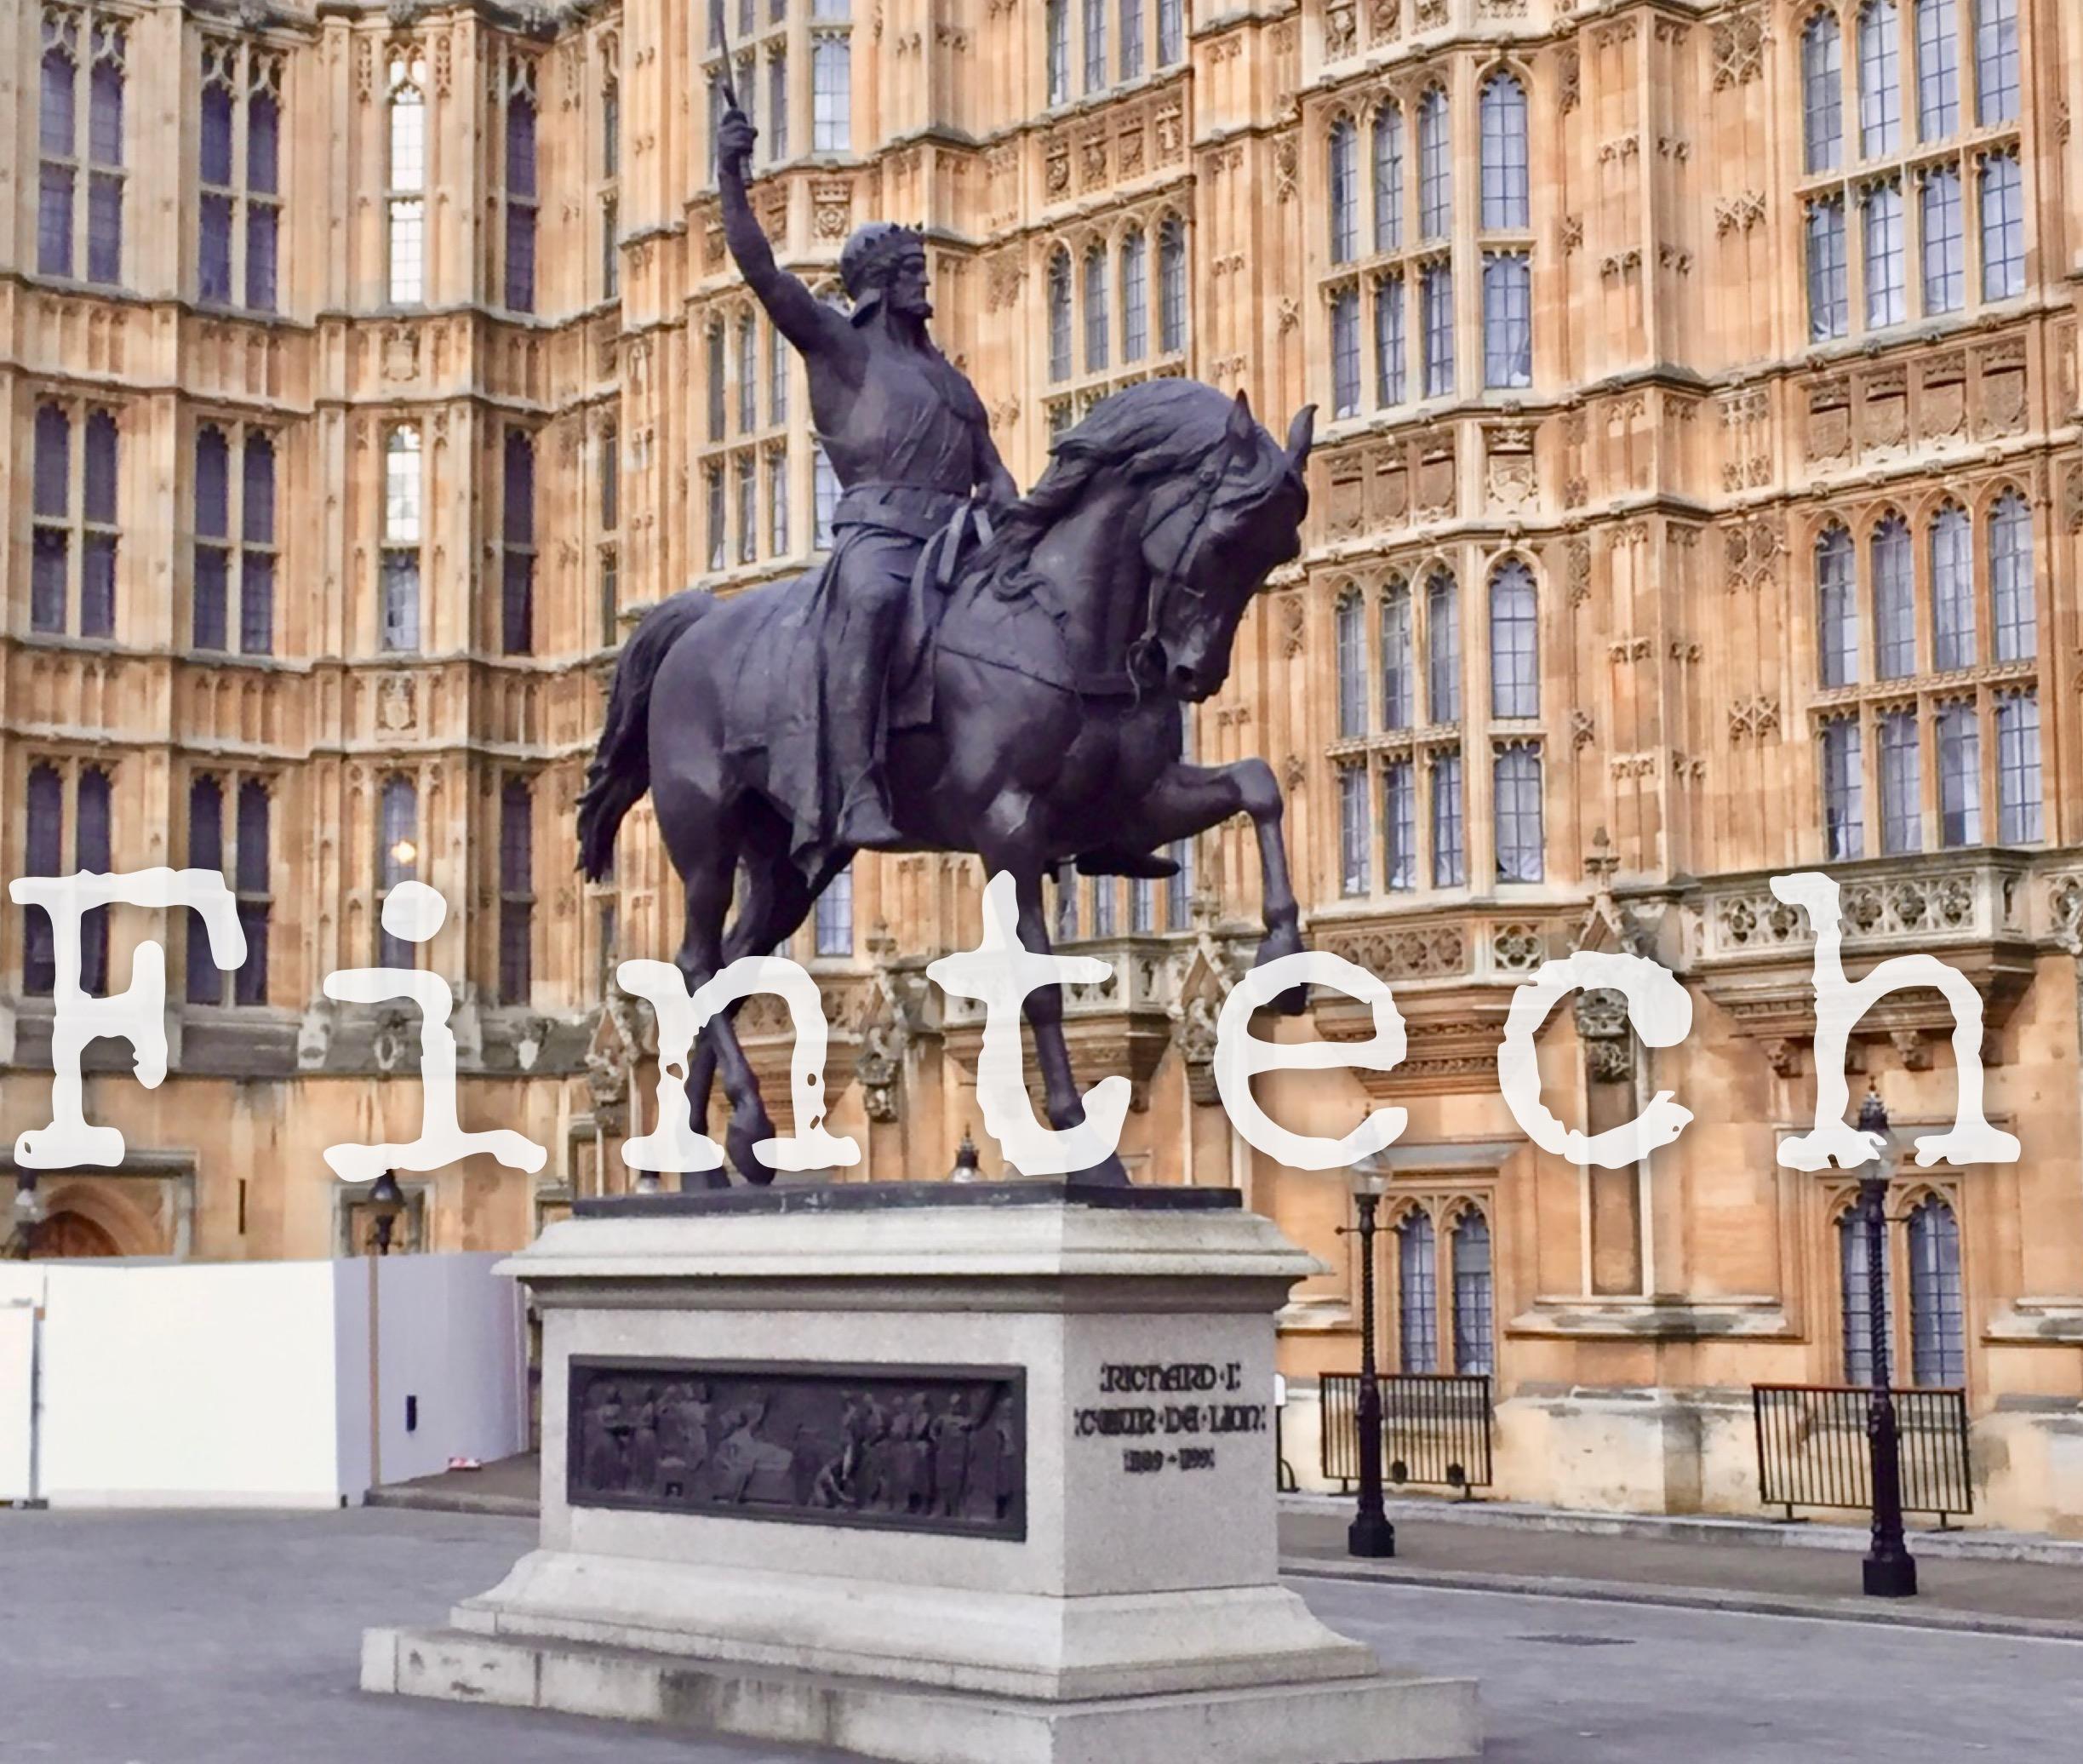 Richard Coeur de Lion statue overlaid with the words 'fintech'